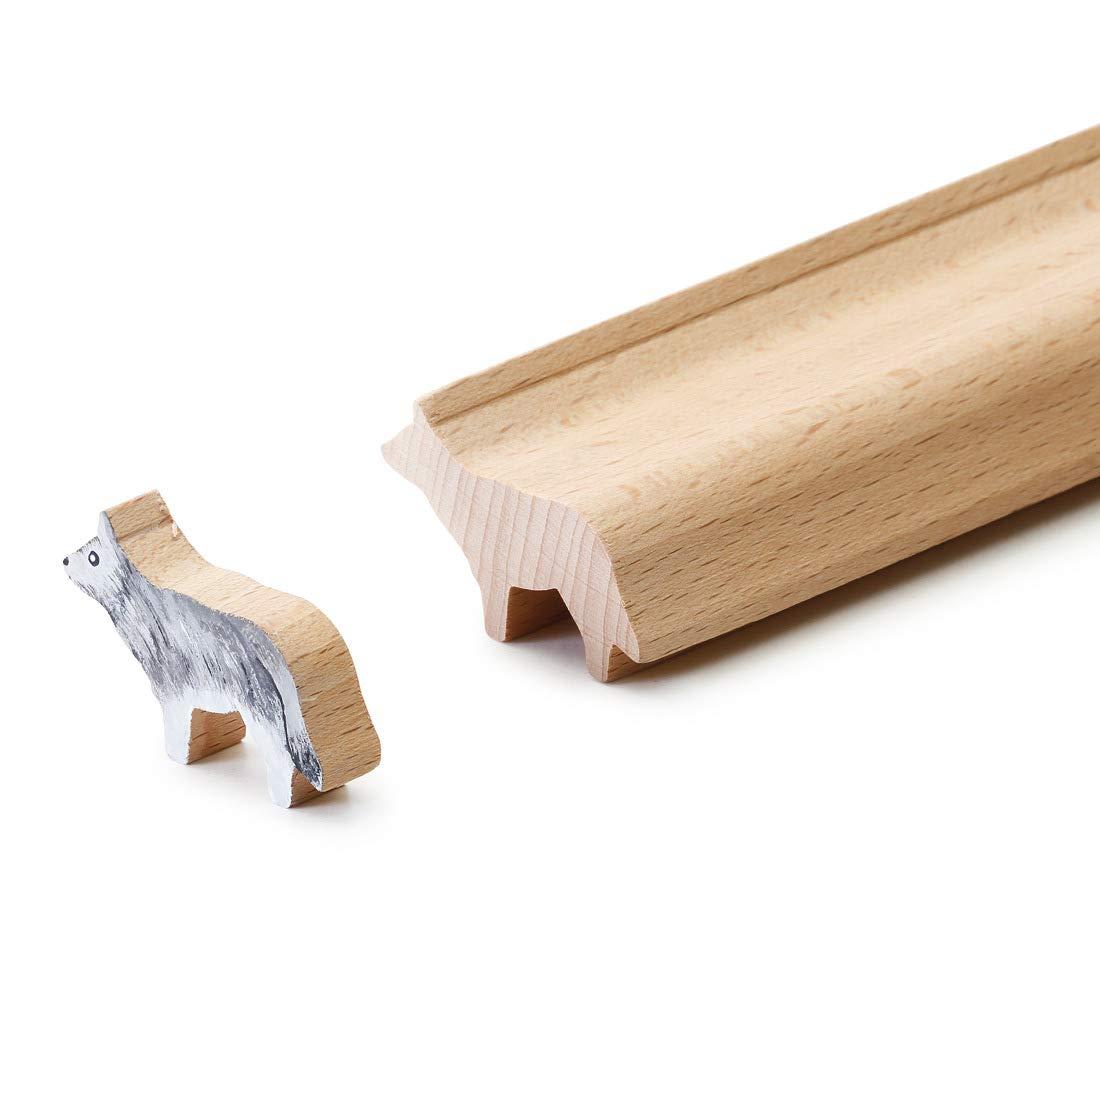 4betterdays Tolle Bastelleisten Bastelleisten Bastelleisten zum Bemalen Waldtiere - Handarbeit aus Deutschland B07KSDFTCY | Elegantes Aussehen  c785a5